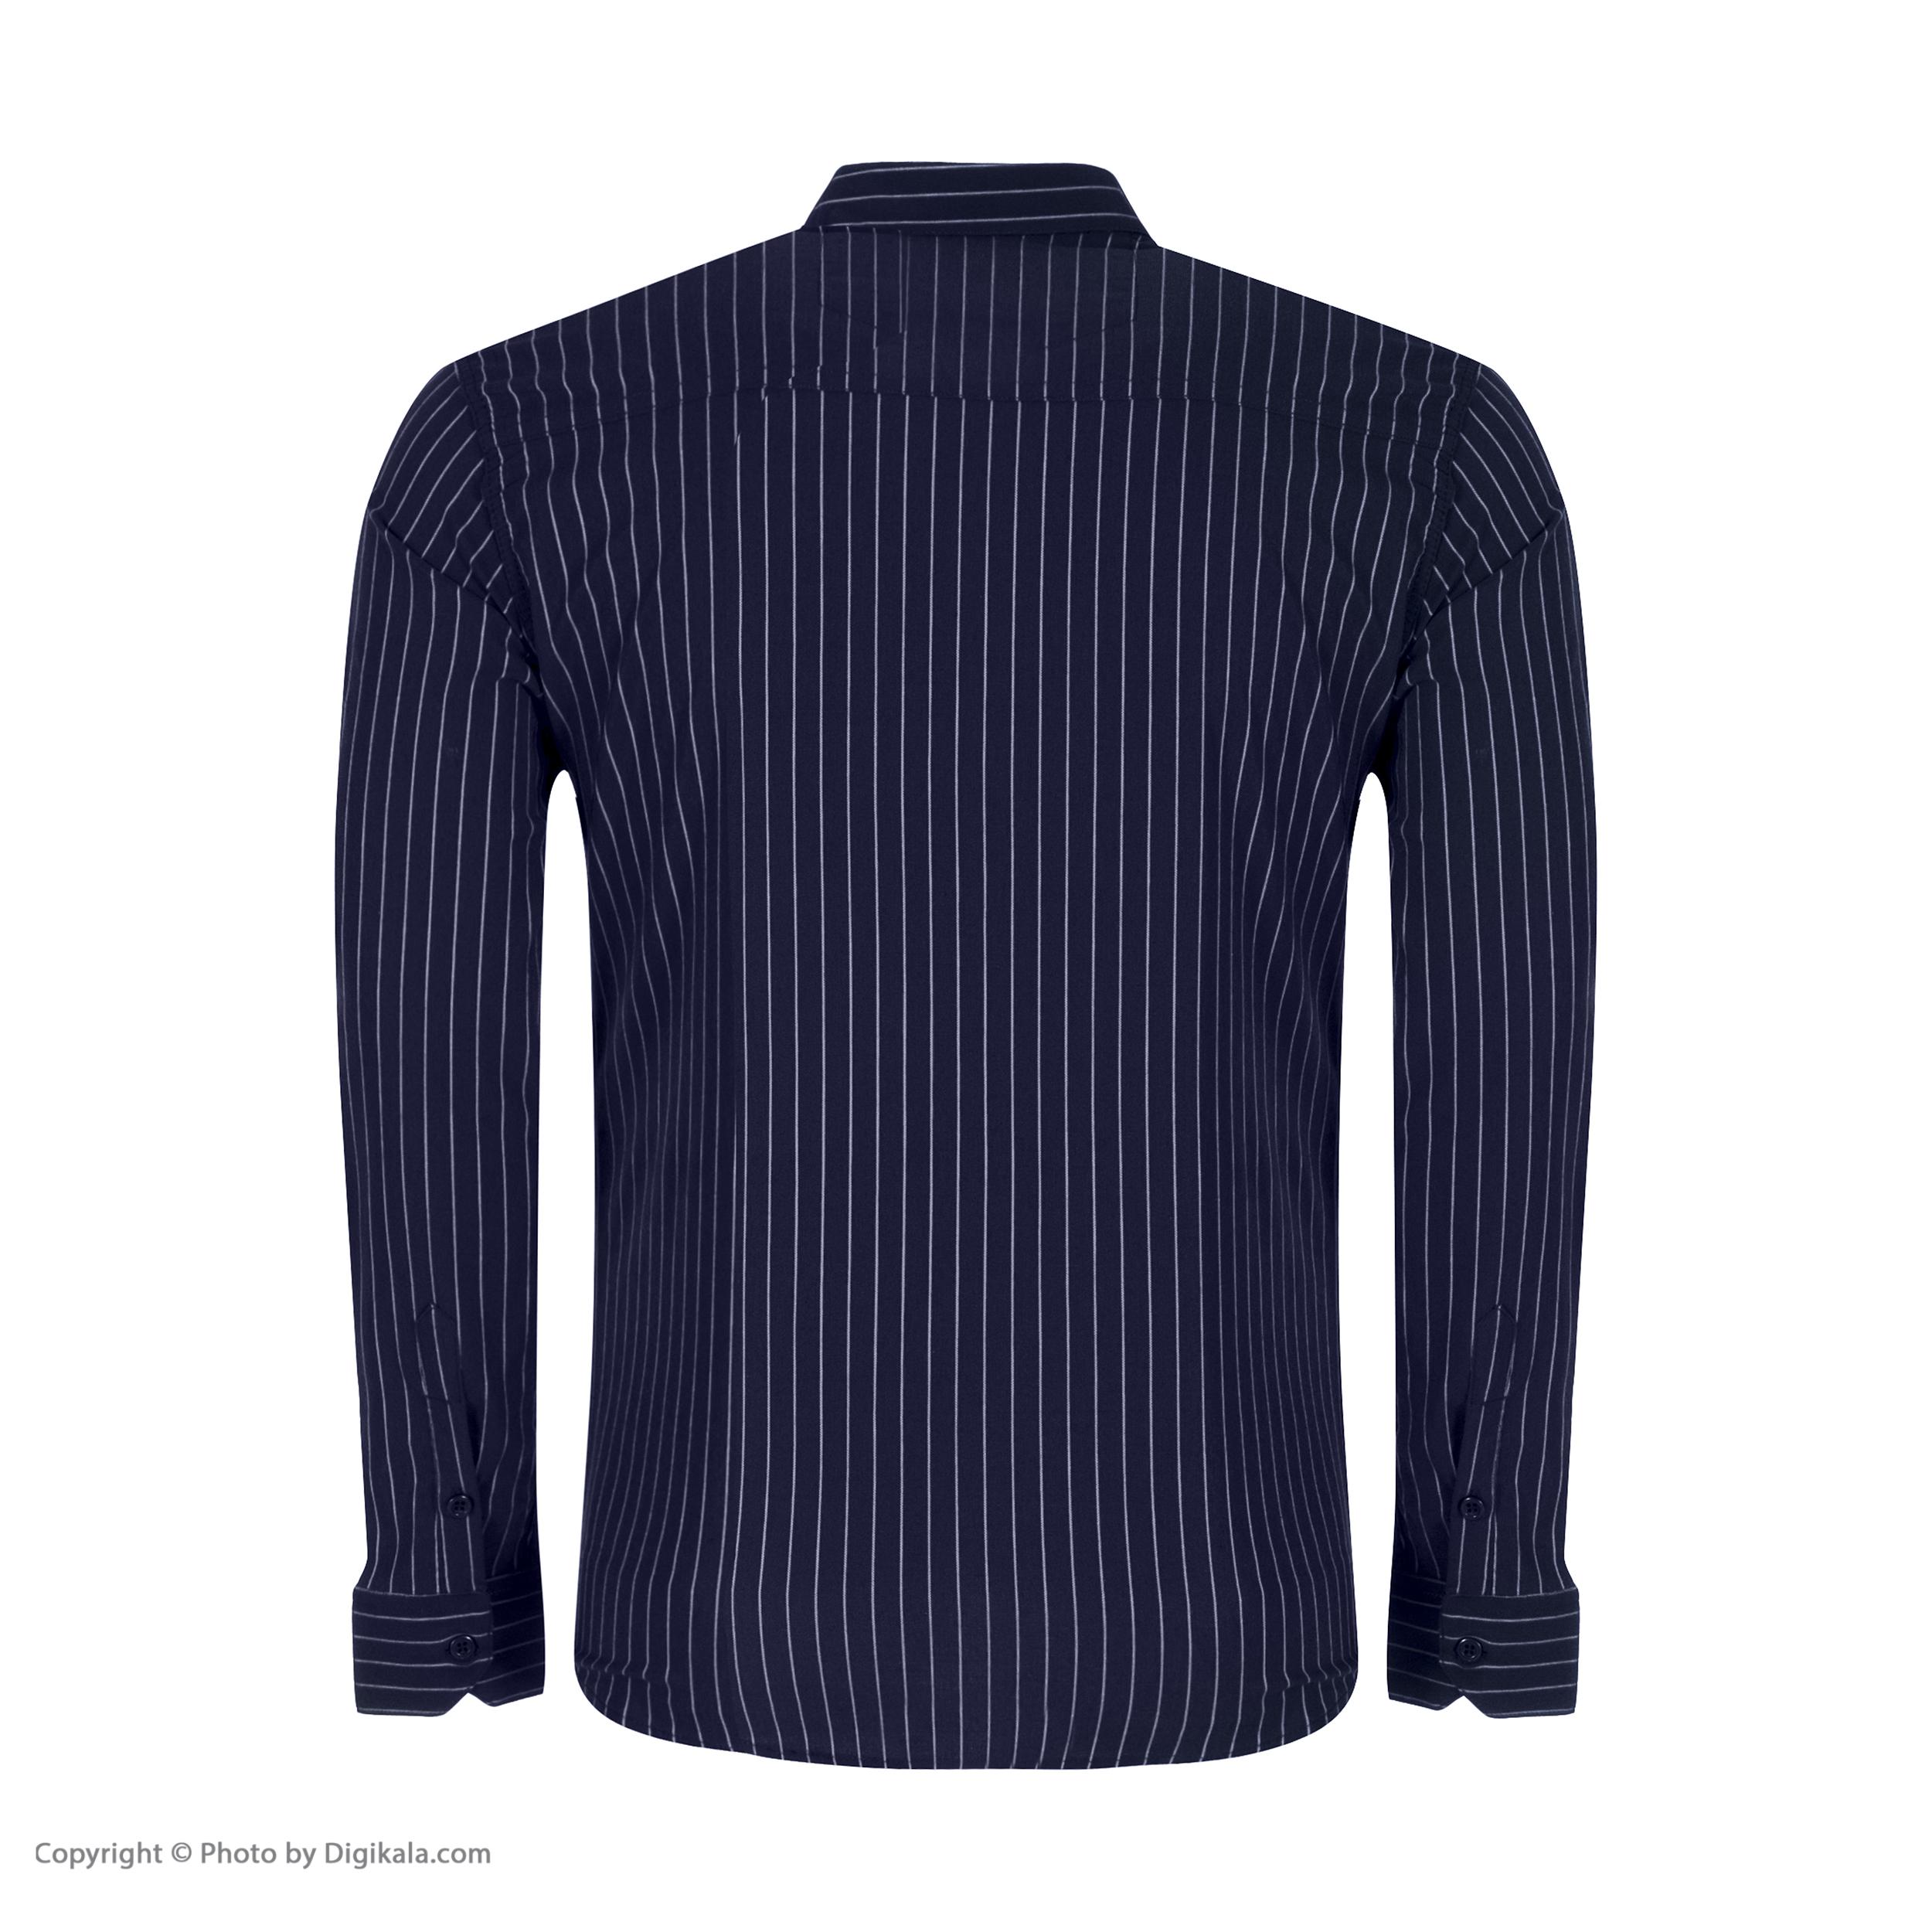 پیراهن مردانه پیکی پوش مدل M02350